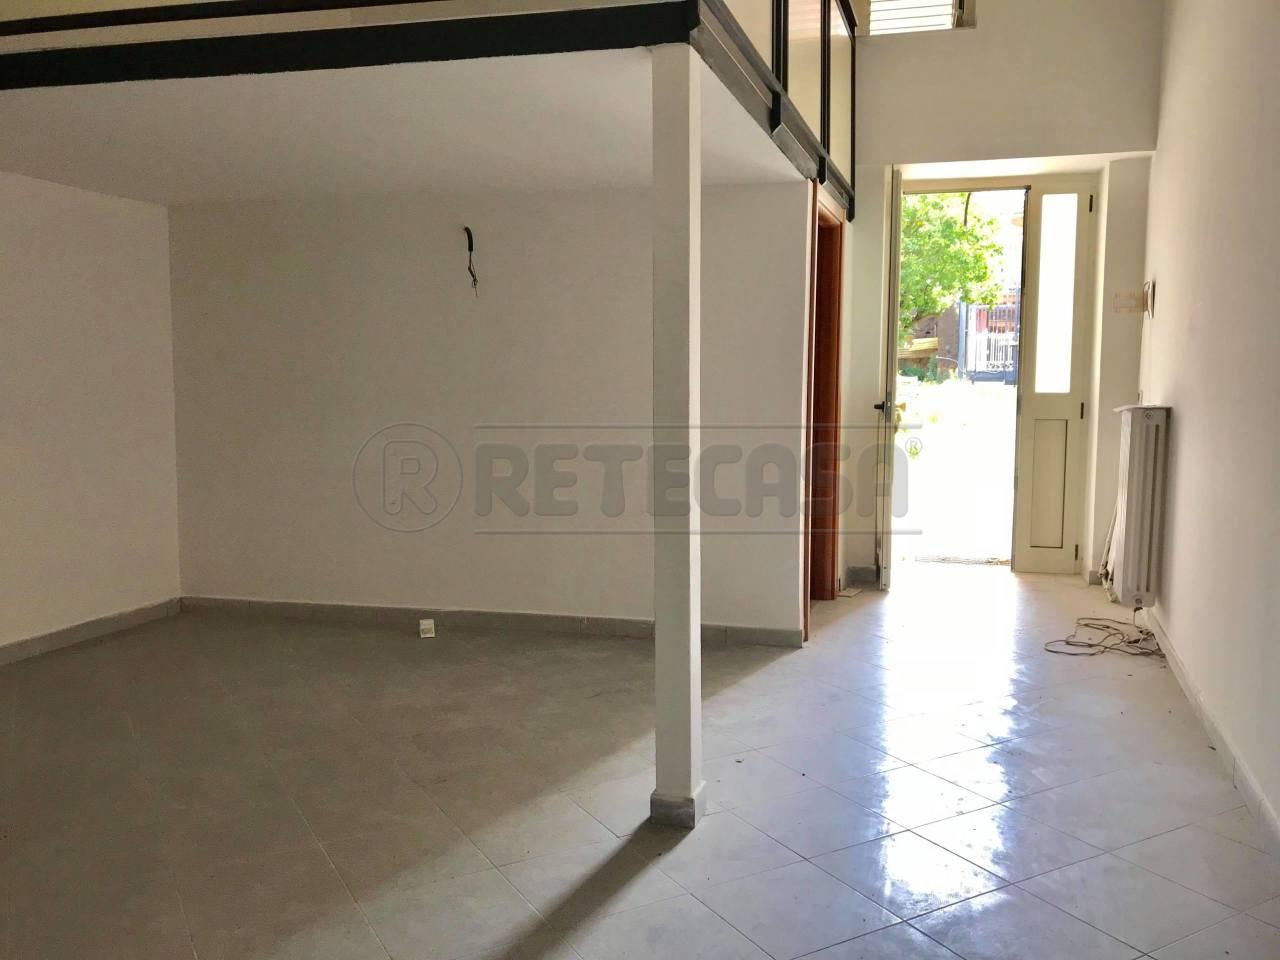 Appartamento ristrutturato in vendita Rif. 6192331